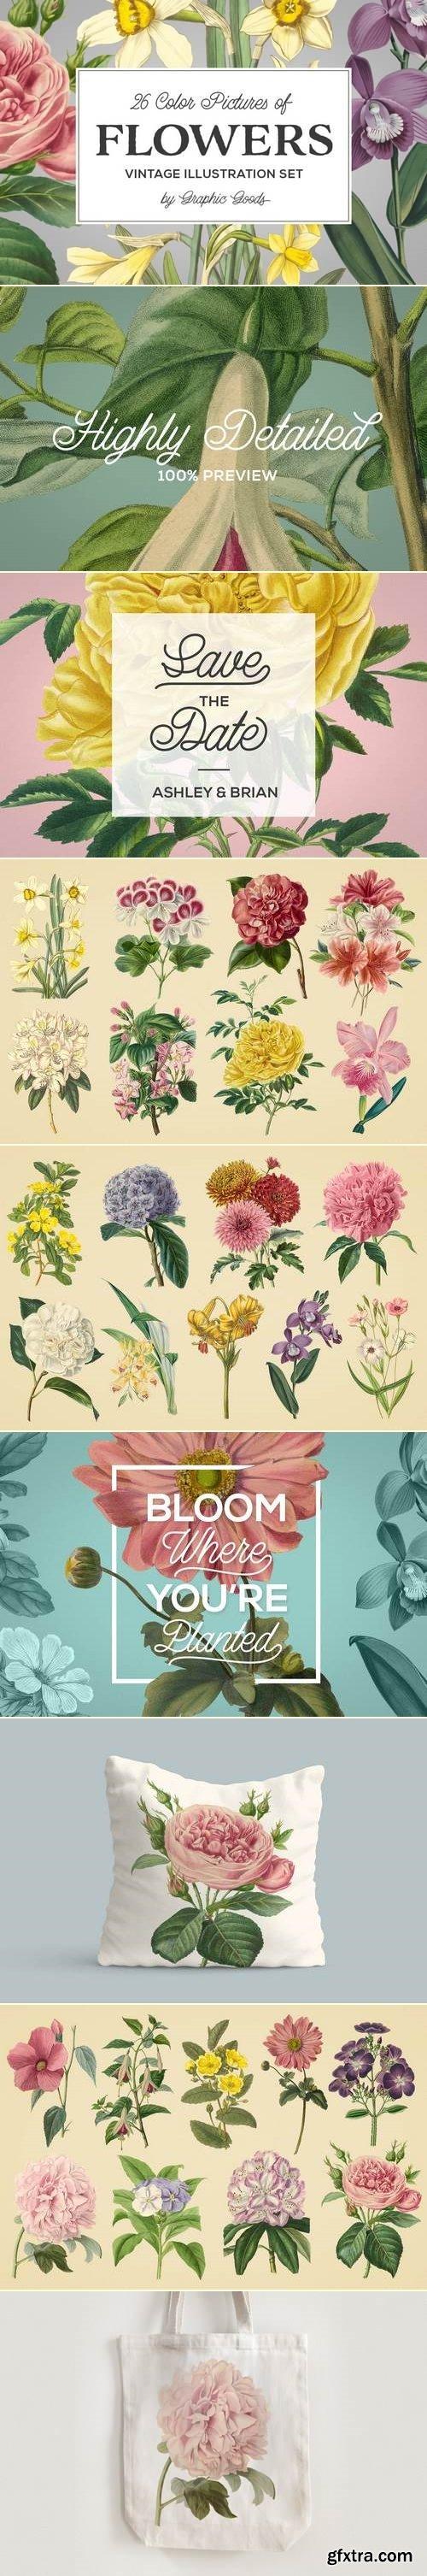 Vintage Illustrations of Flowers